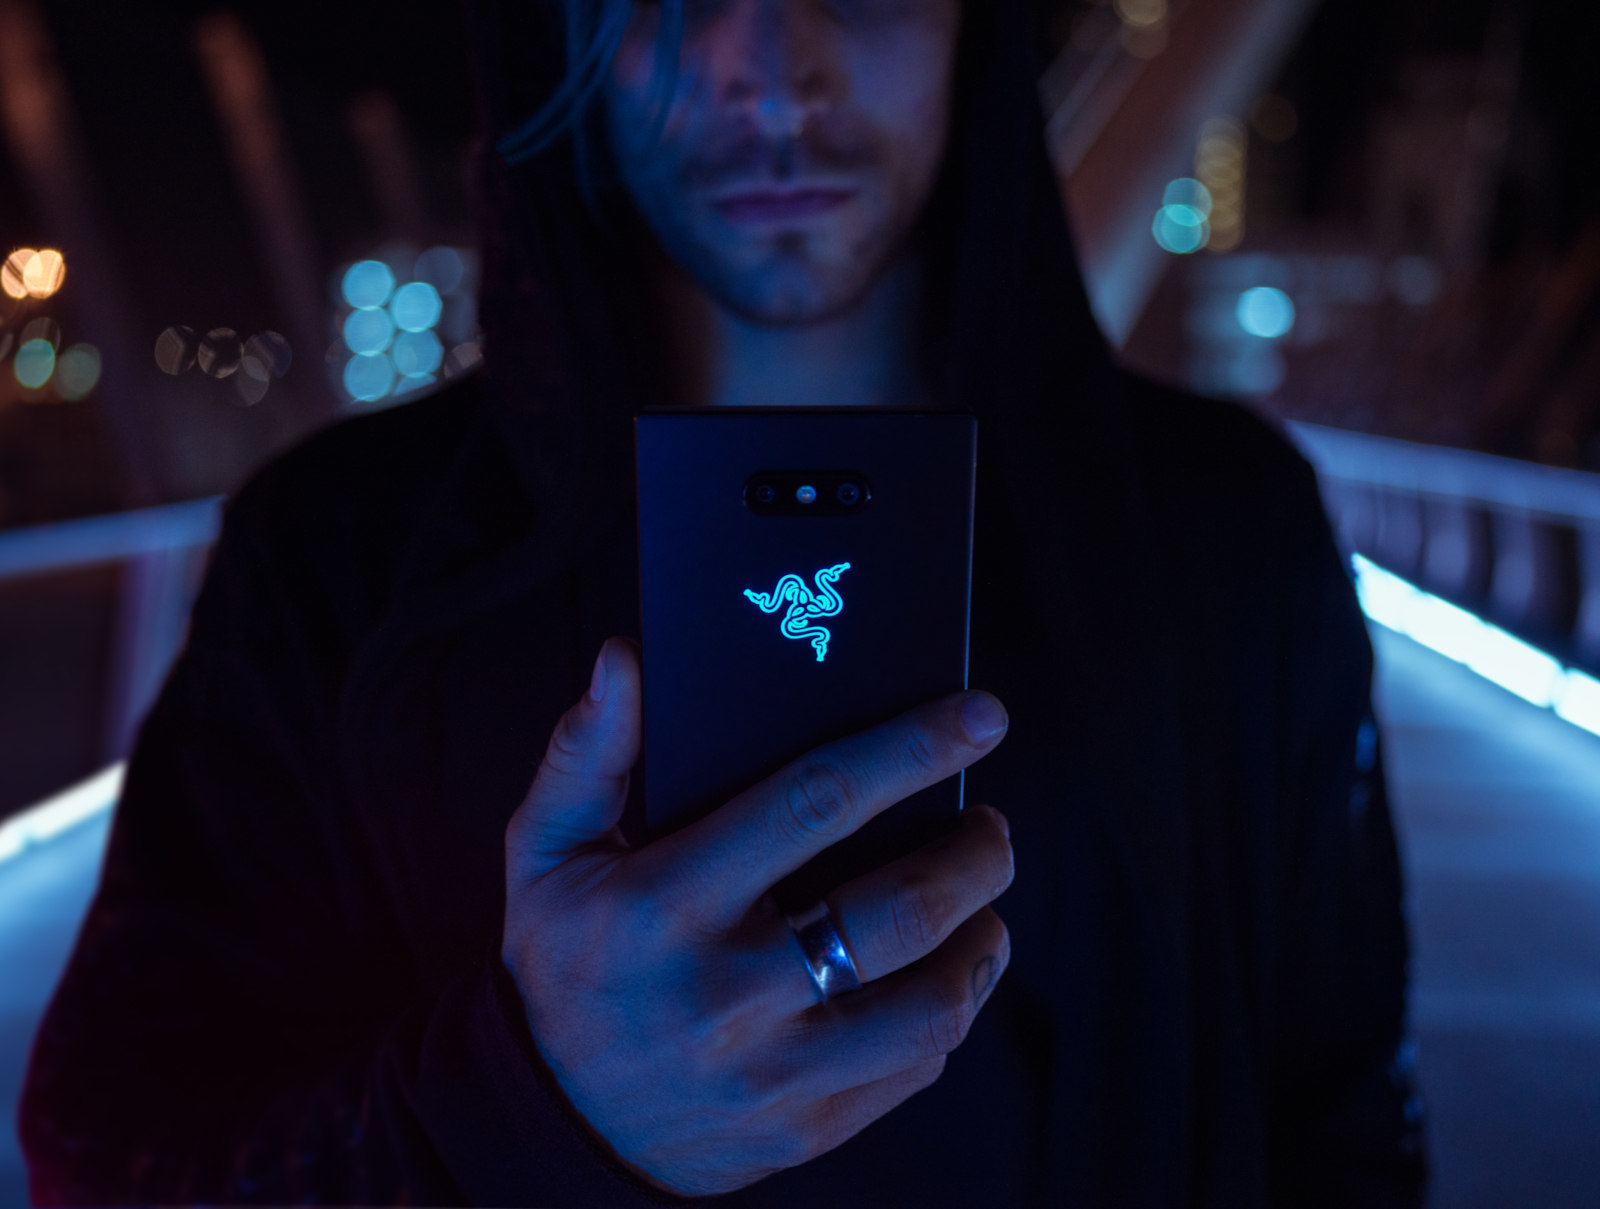 Razer-Phone-2-5-1